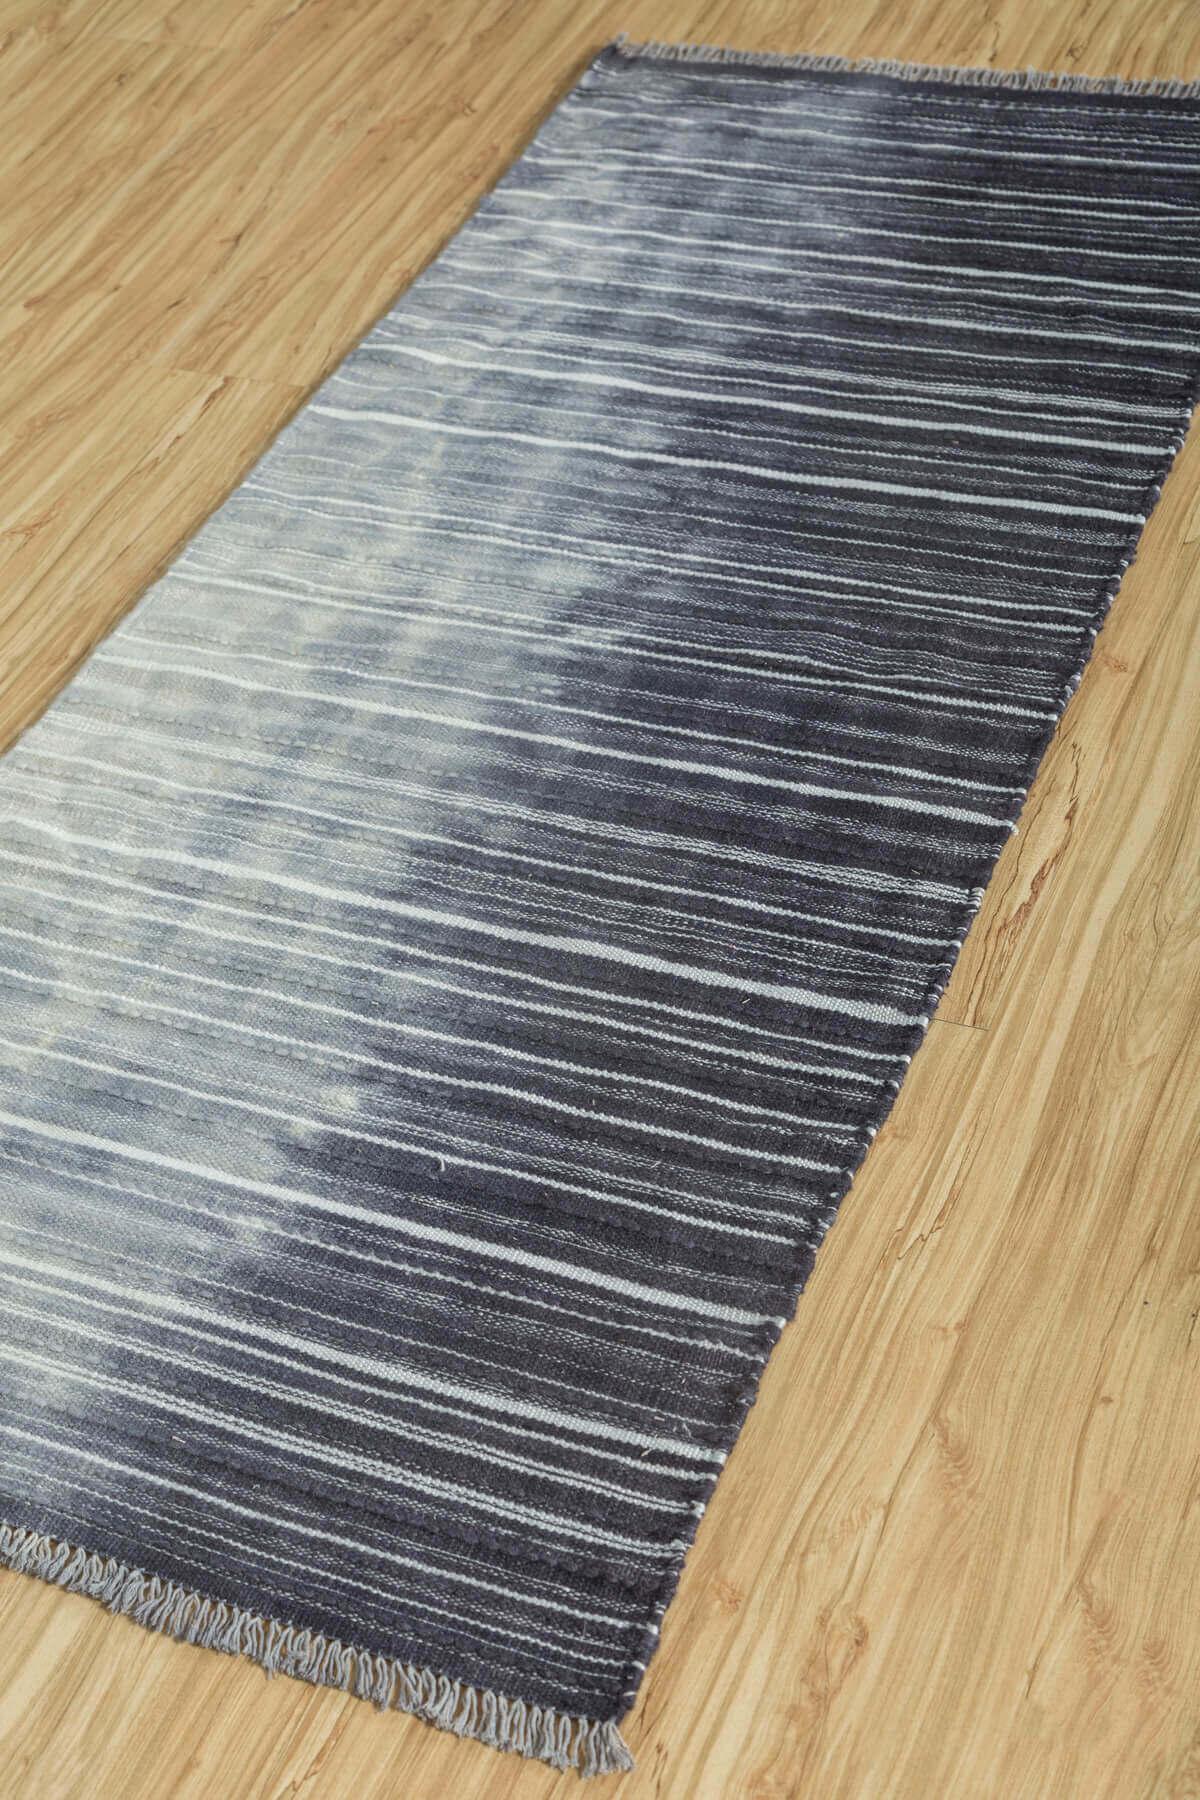 handmade-runner-rug-online